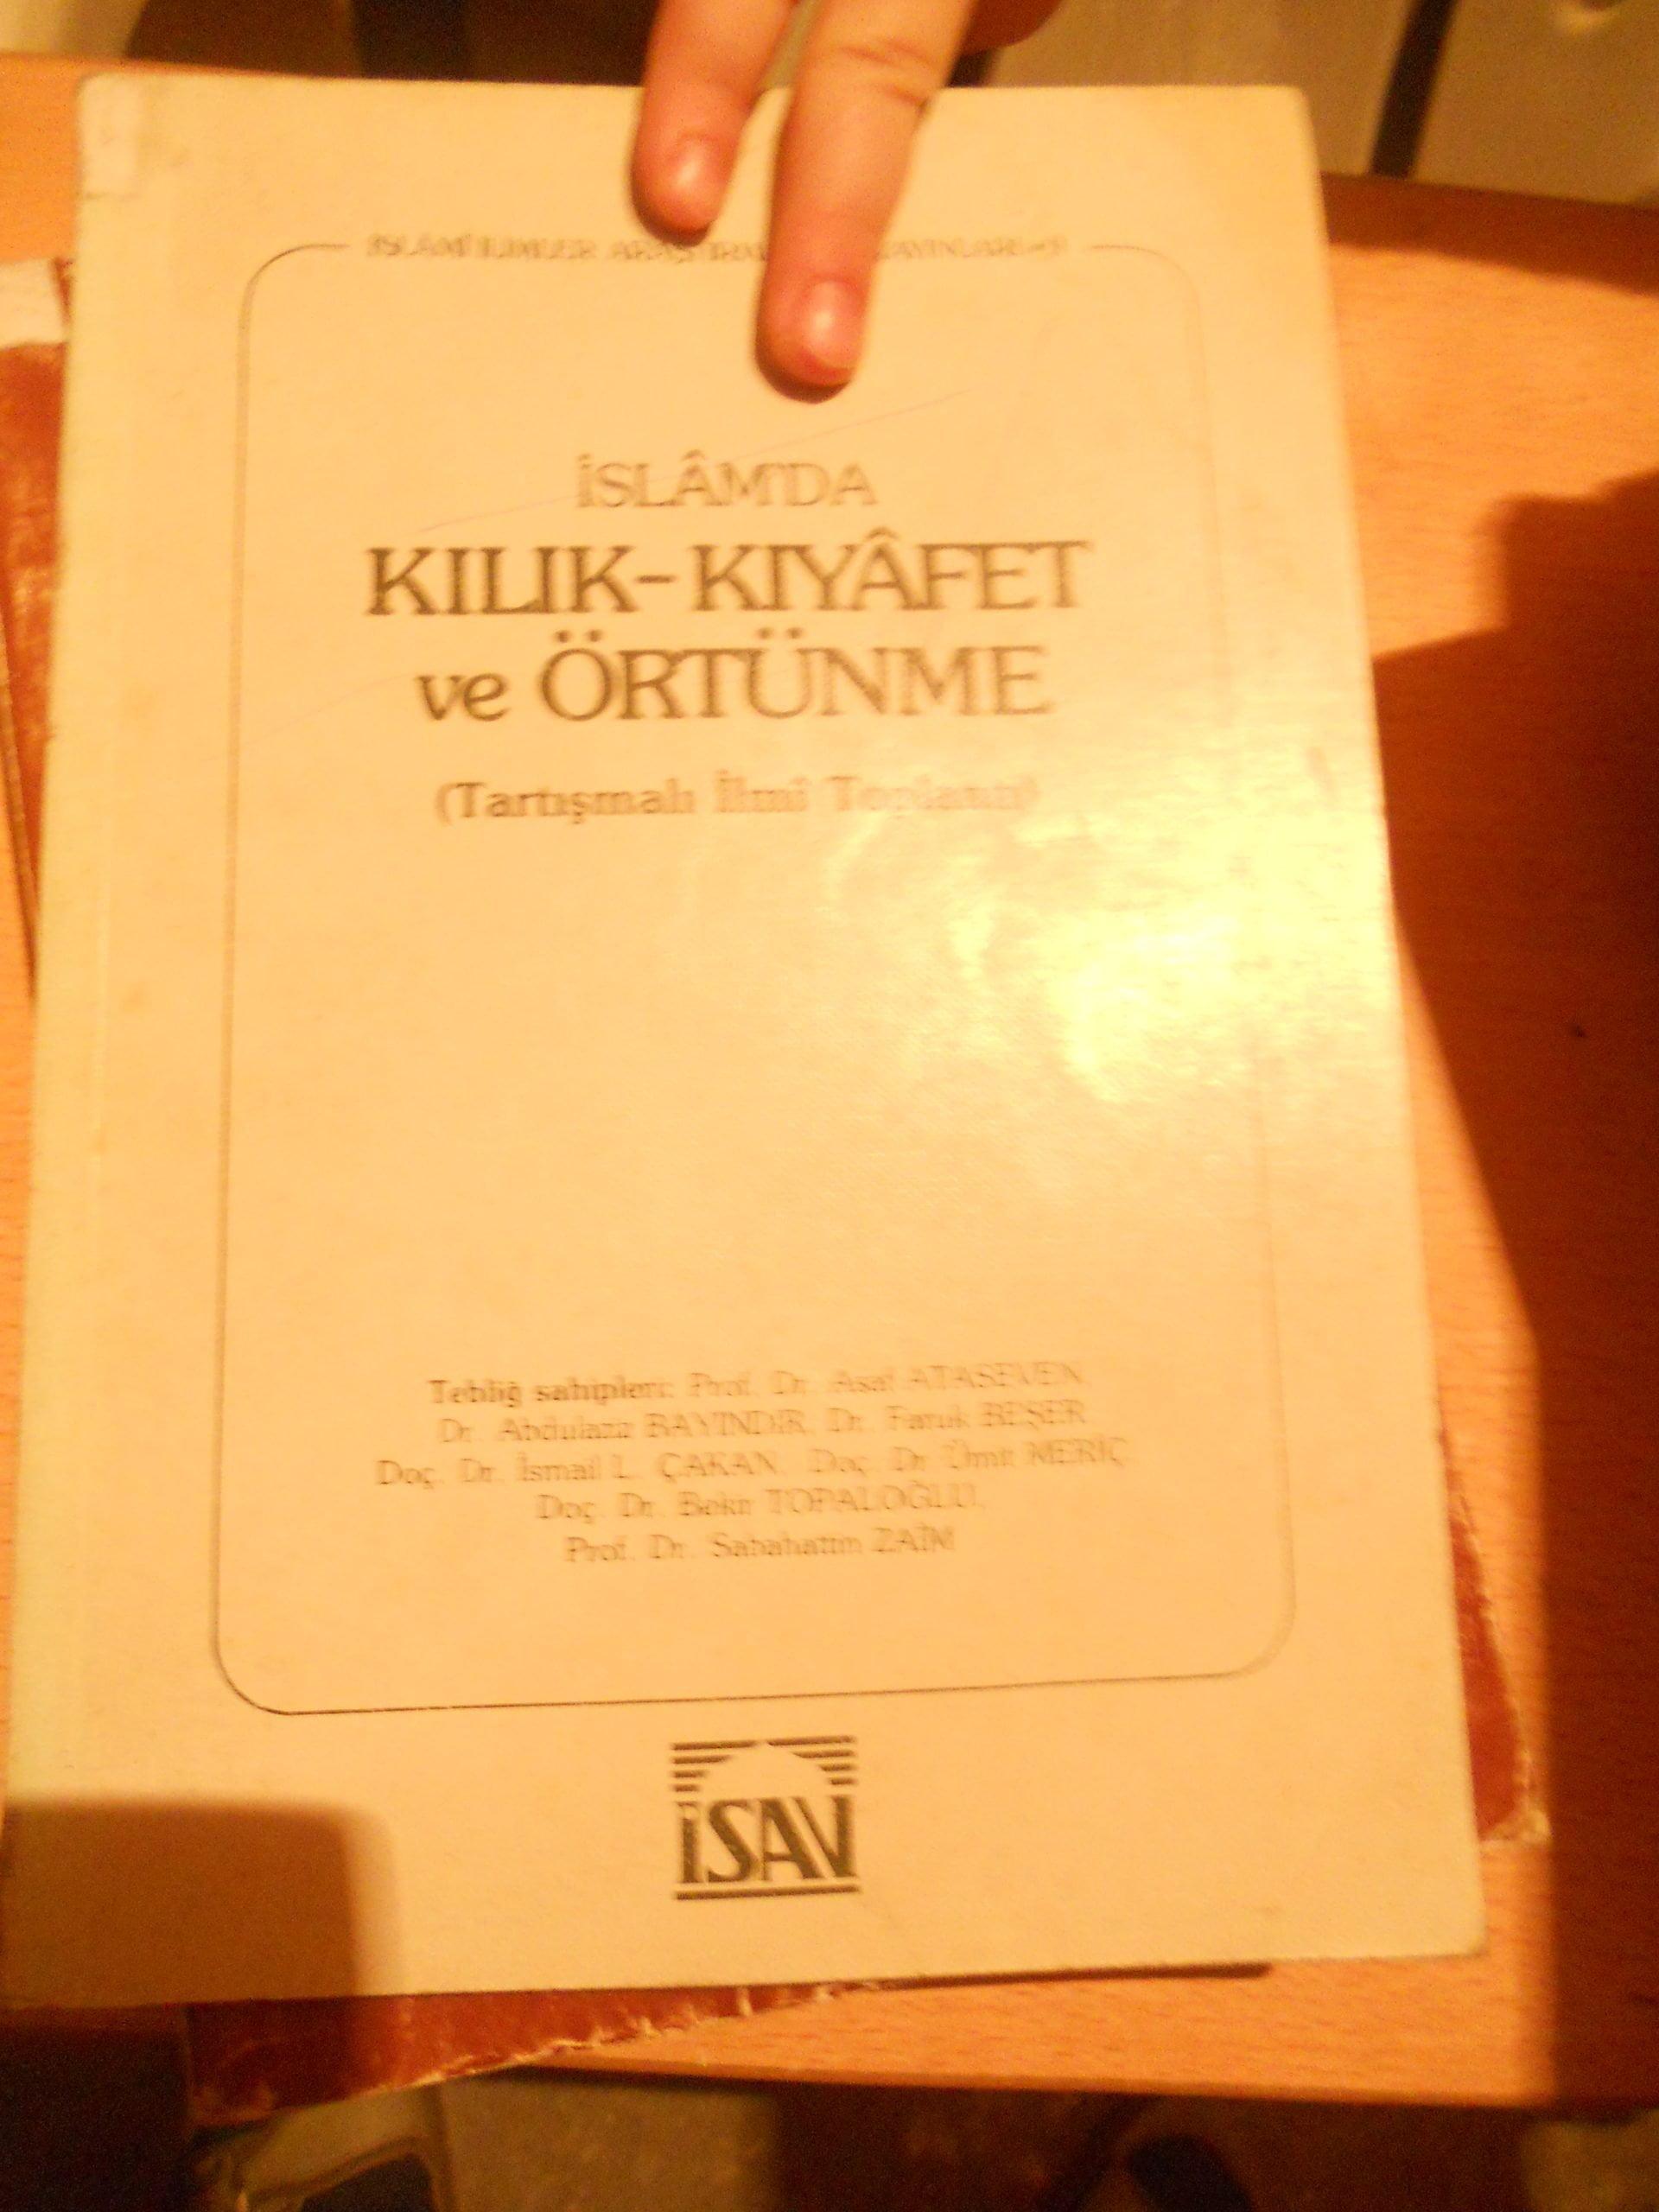 İslamda KILIK KIYAFET VE ÖRTÜNME(Tartışmalı ilmi toplantı)İSAV/20 TL